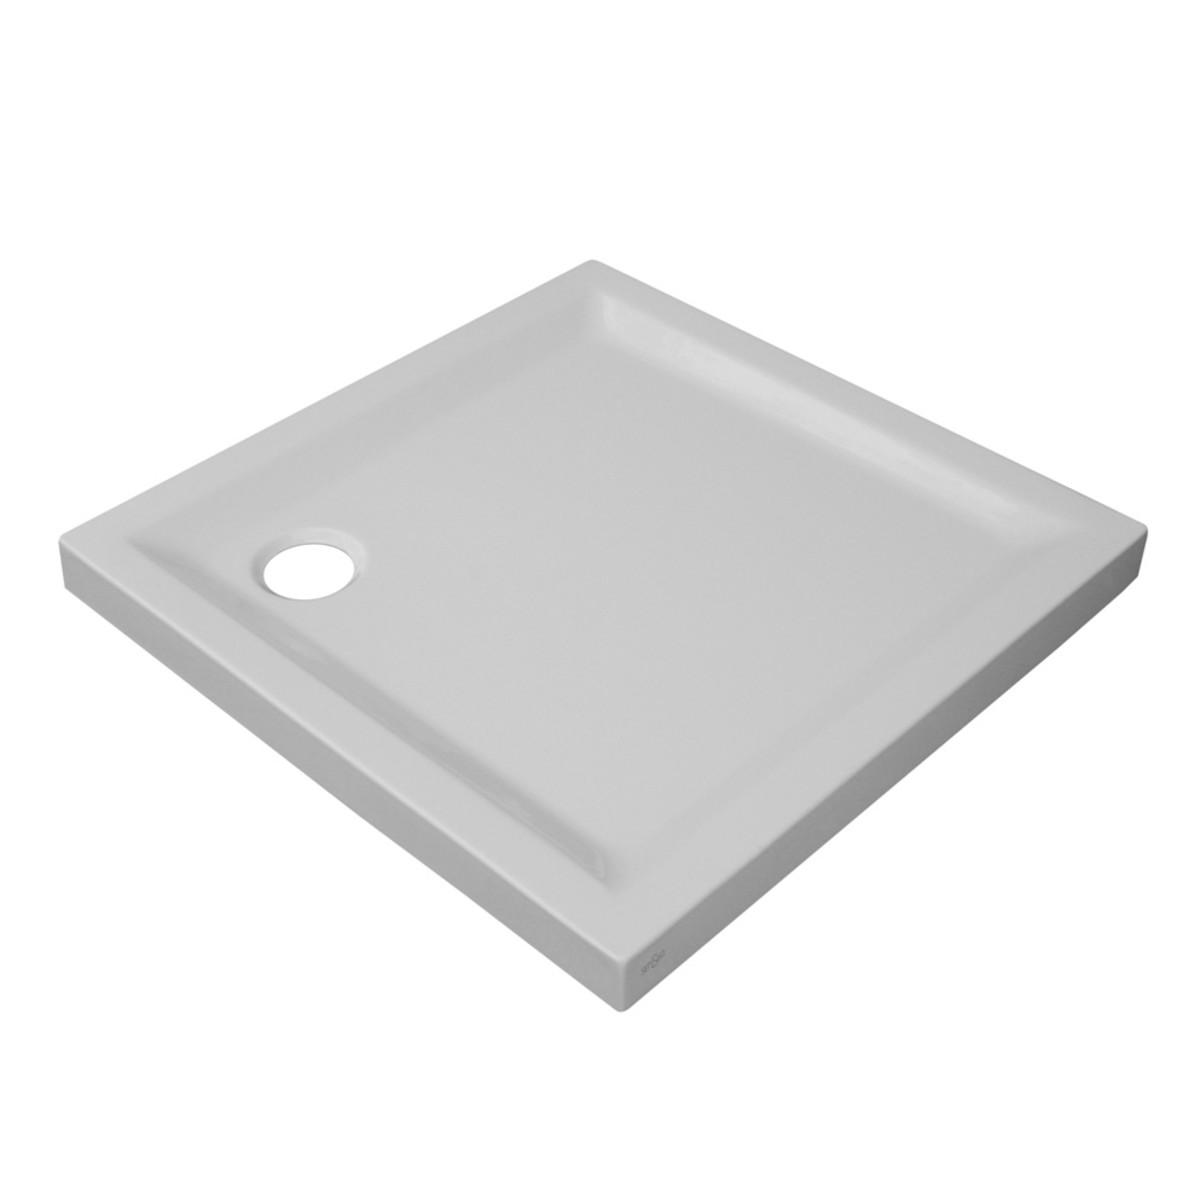 Piatto doccia 80x90 cm prezzo e offerte sottocosto for Leroy merlin piatto doccia